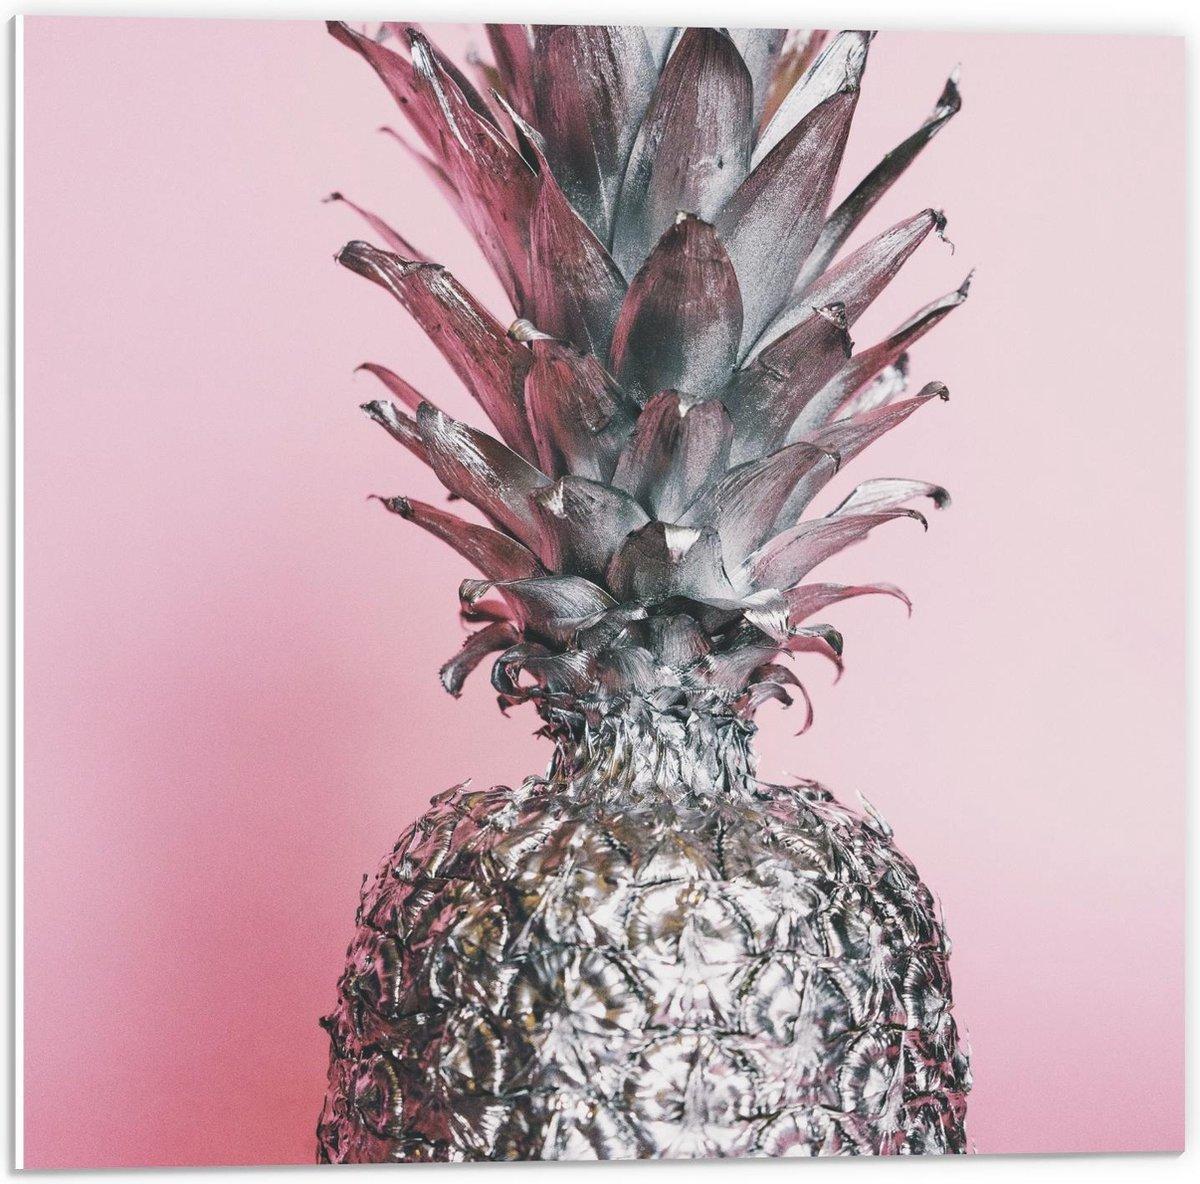 Forex - Zilveren Ananas  met Roze Achtergrond - 50x50cm Foto op Forex